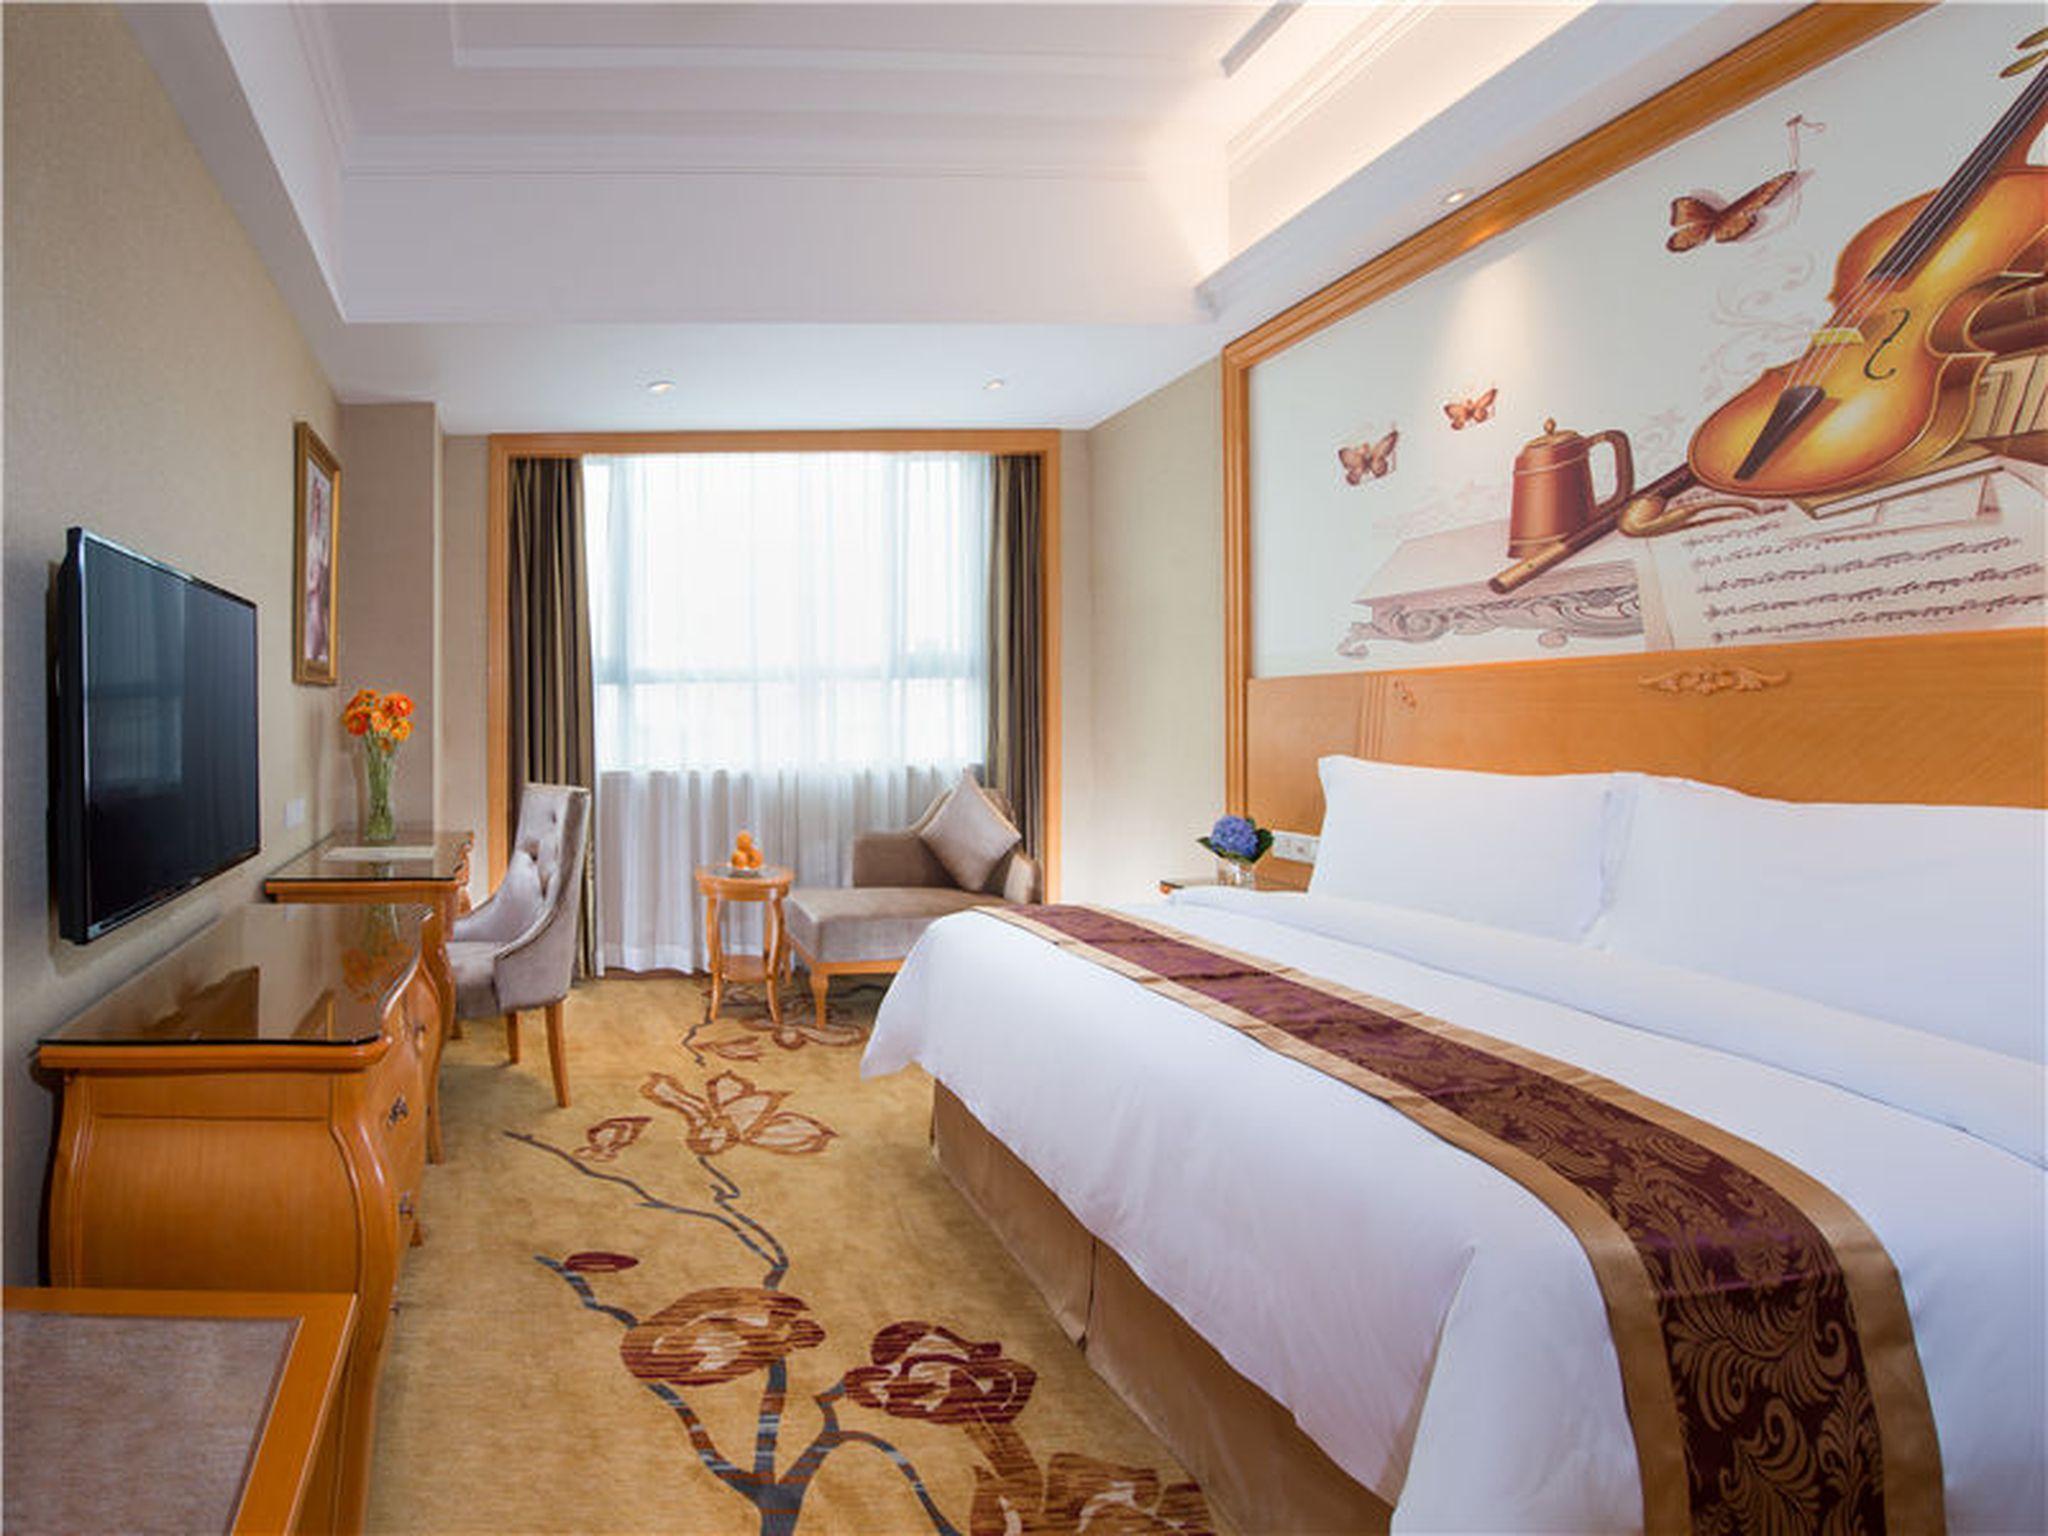 Vienna International Hotel Shenzhen Buji Dafen